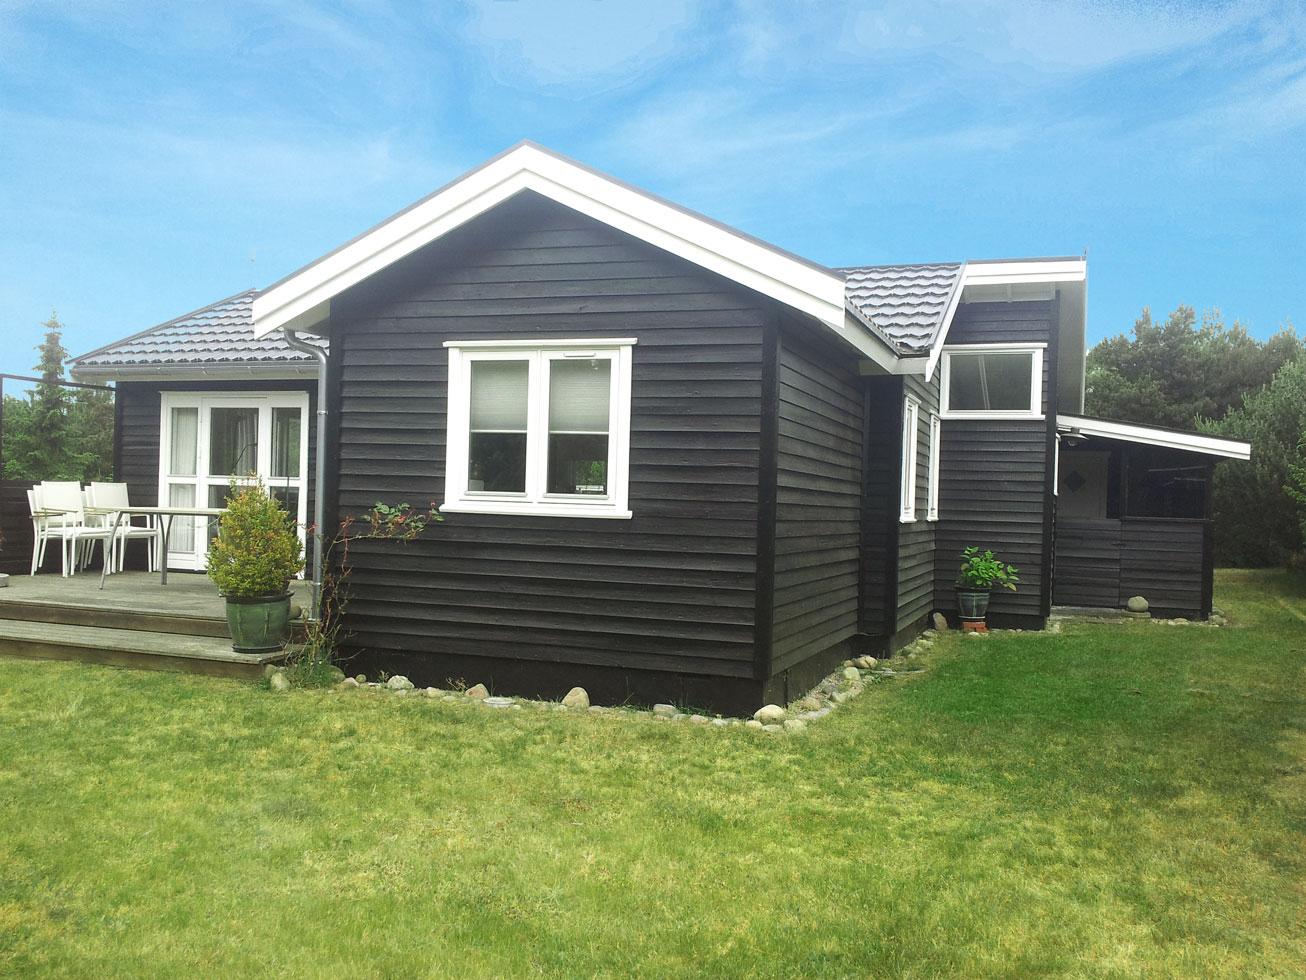 Sommerhus efter Malerfirmaet Rørvig har malet facade og vindue